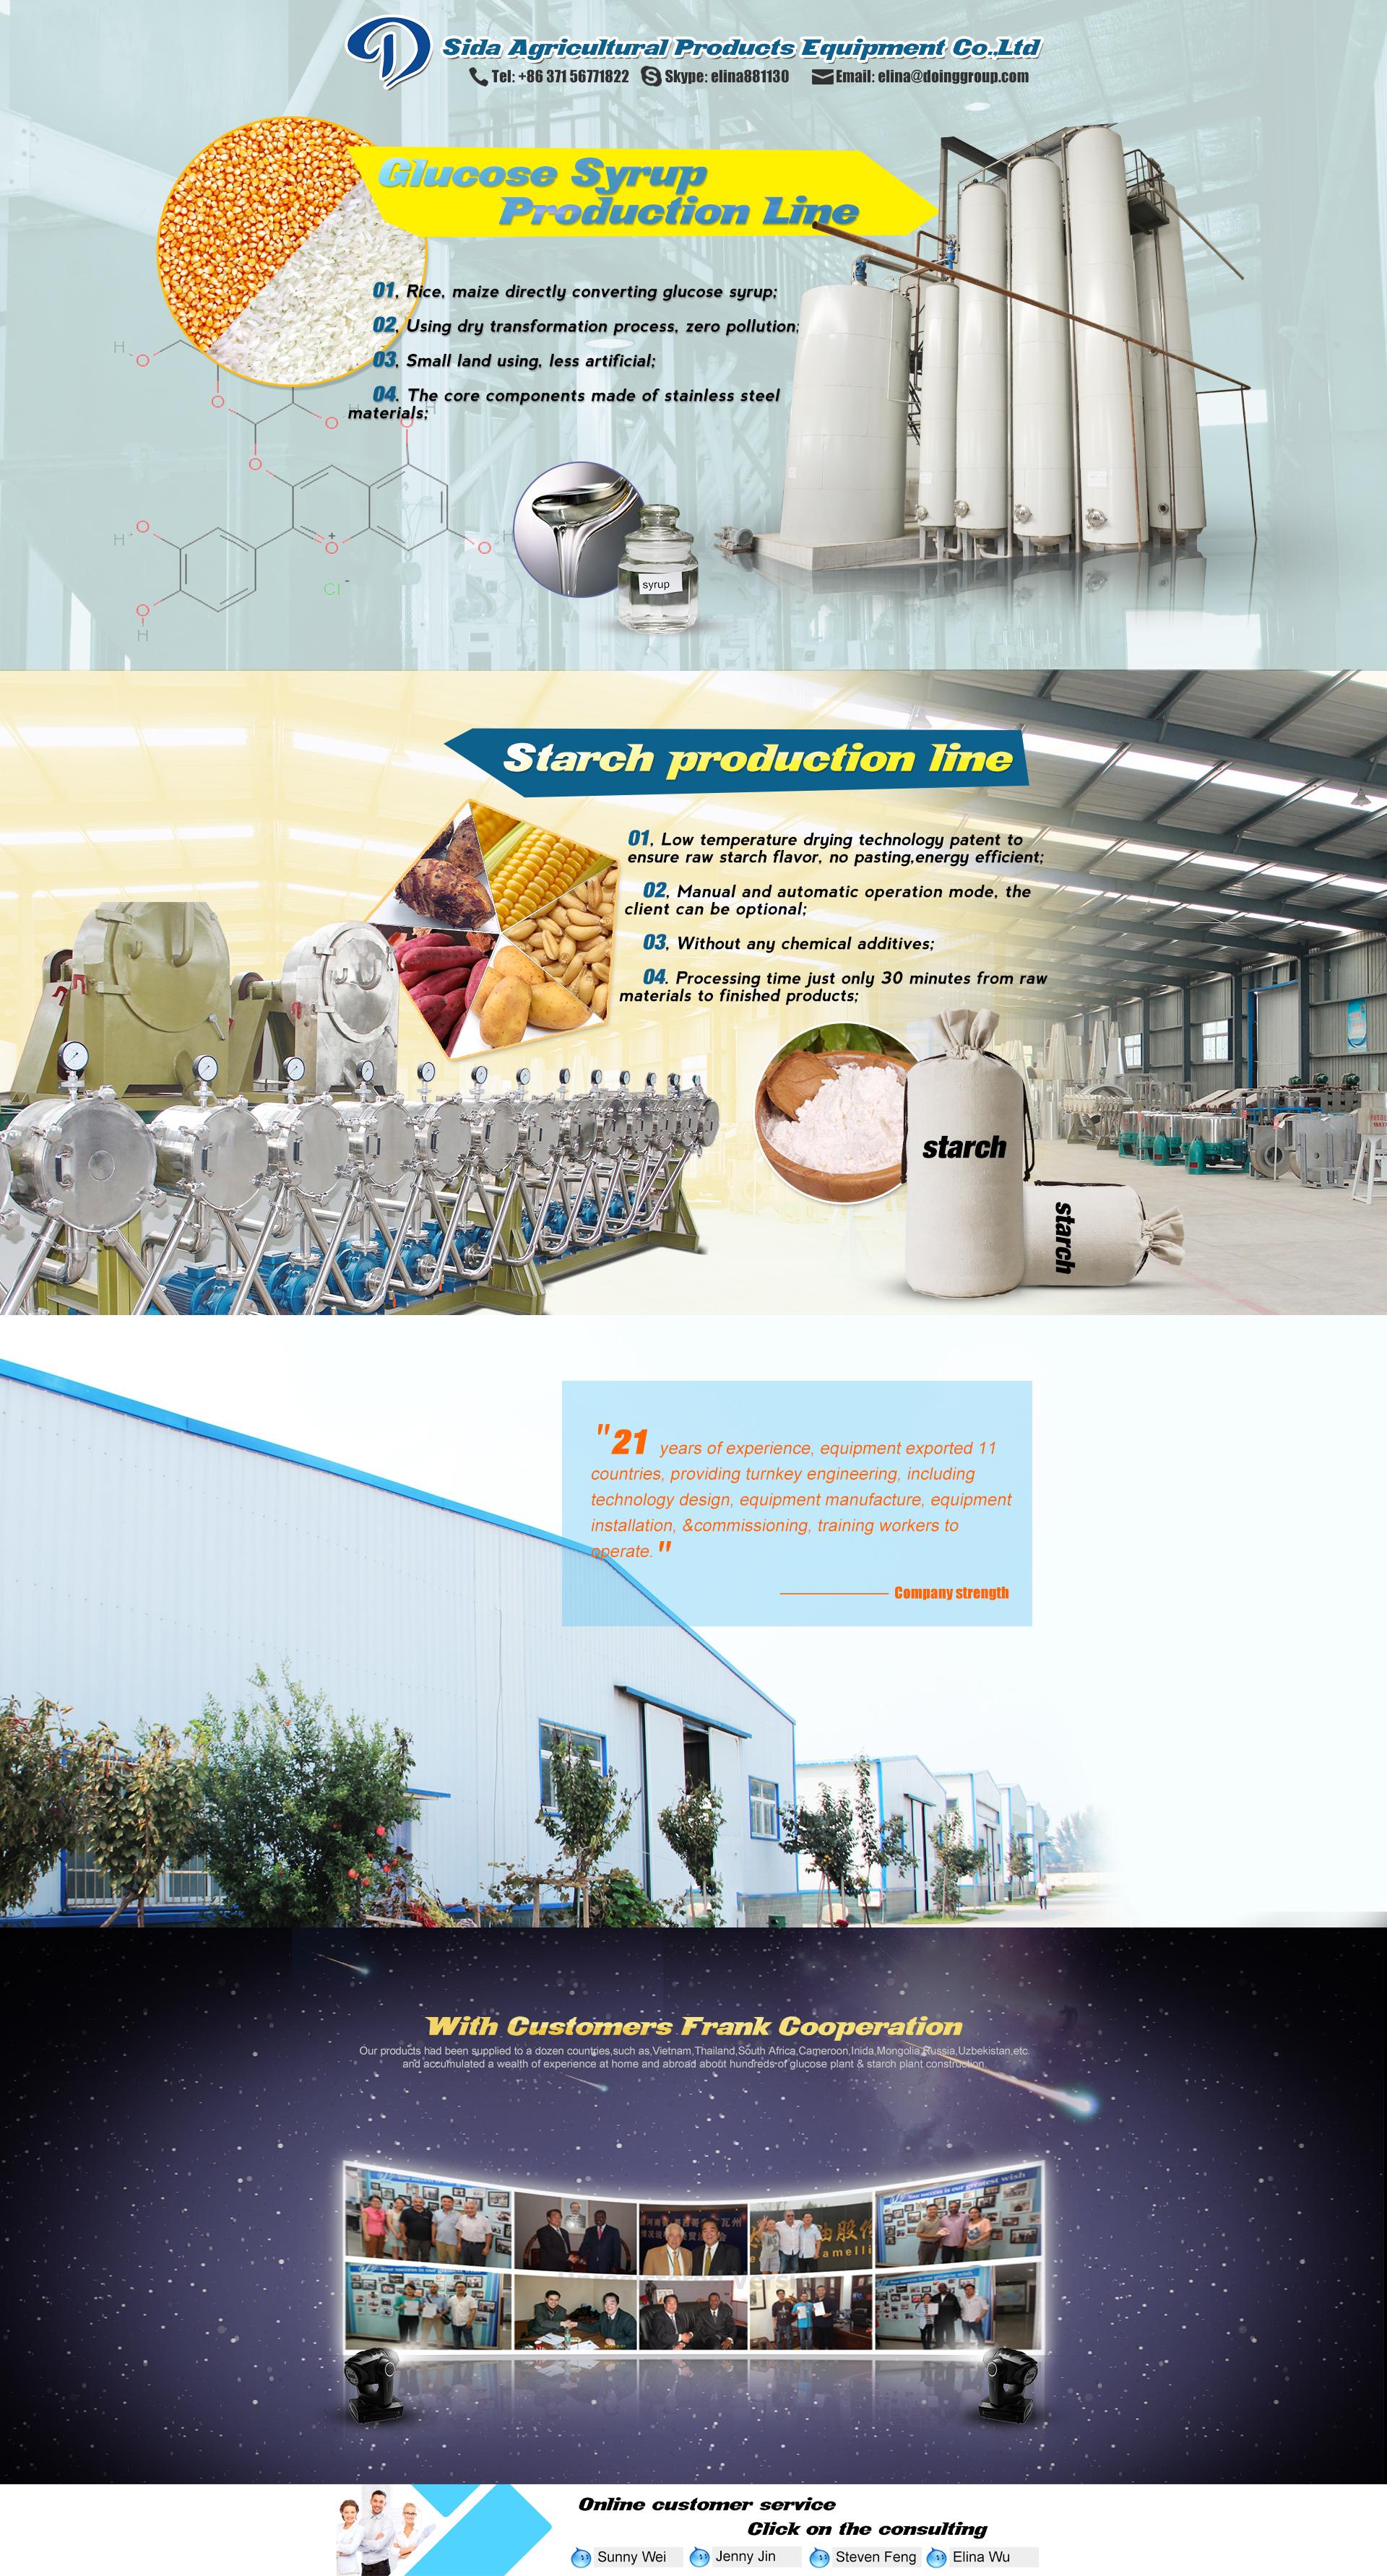 葡萄糖浆淀粉机械设备网站阿里巴巴国际站首页设计图片